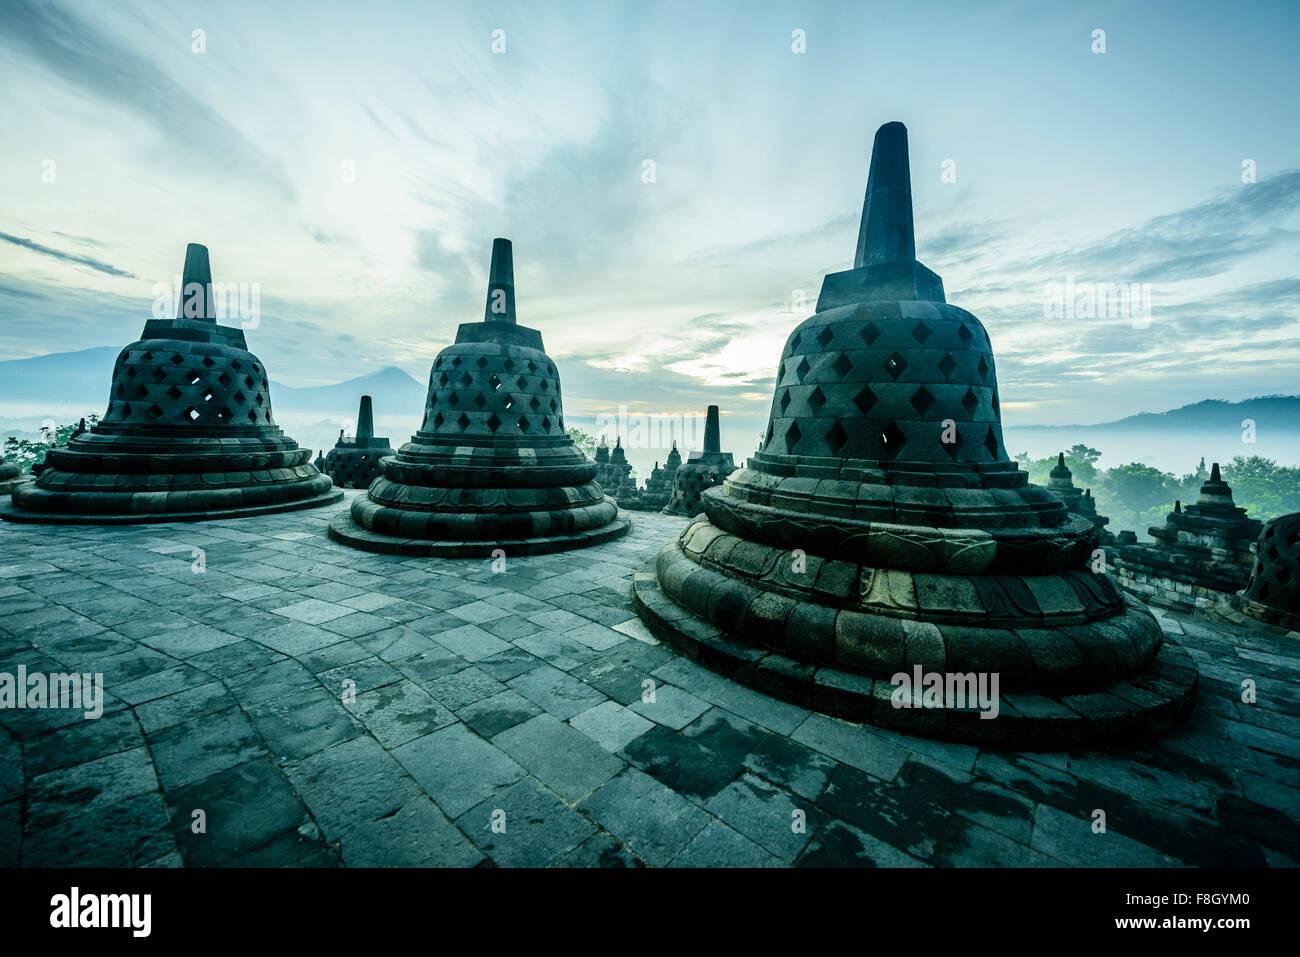 Monuments de Borobudur, Jawa Tengah, Indonésie Photo Stock